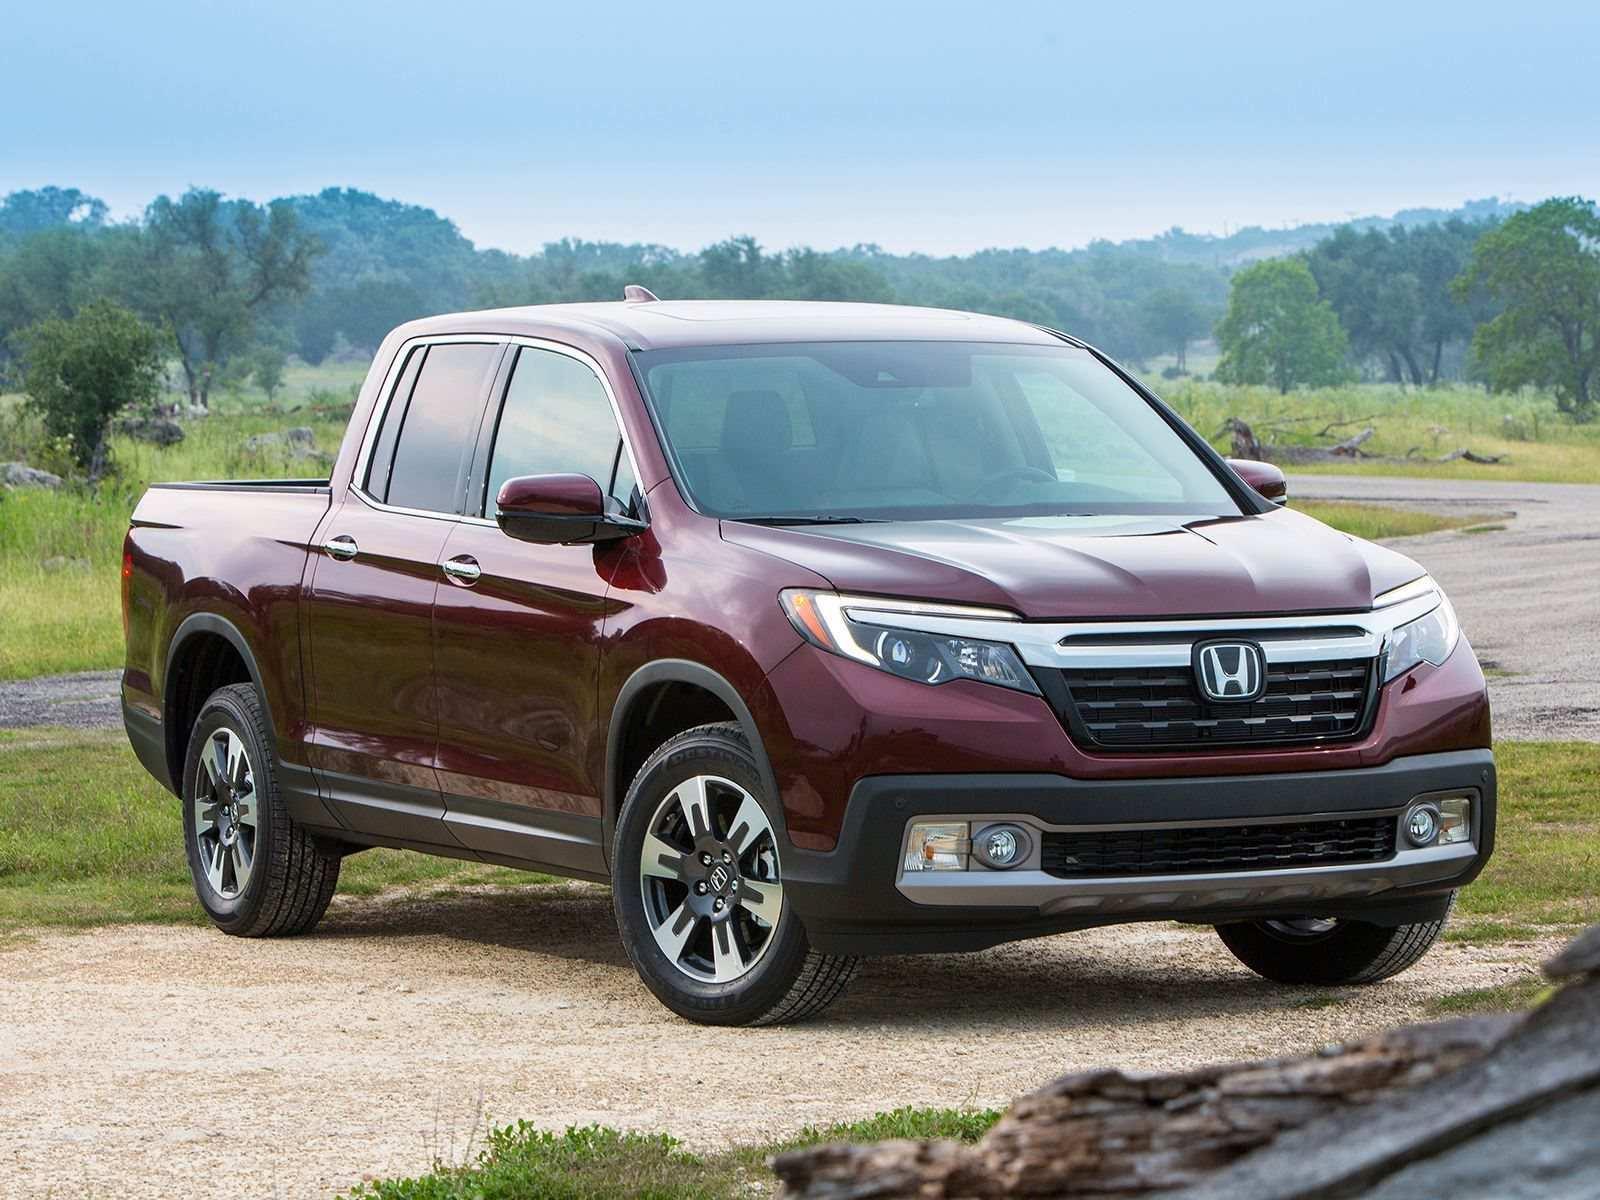 83 New 2019 Honda Ridgeline Rumors Review with 2019 Honda Ridgeline Rumors